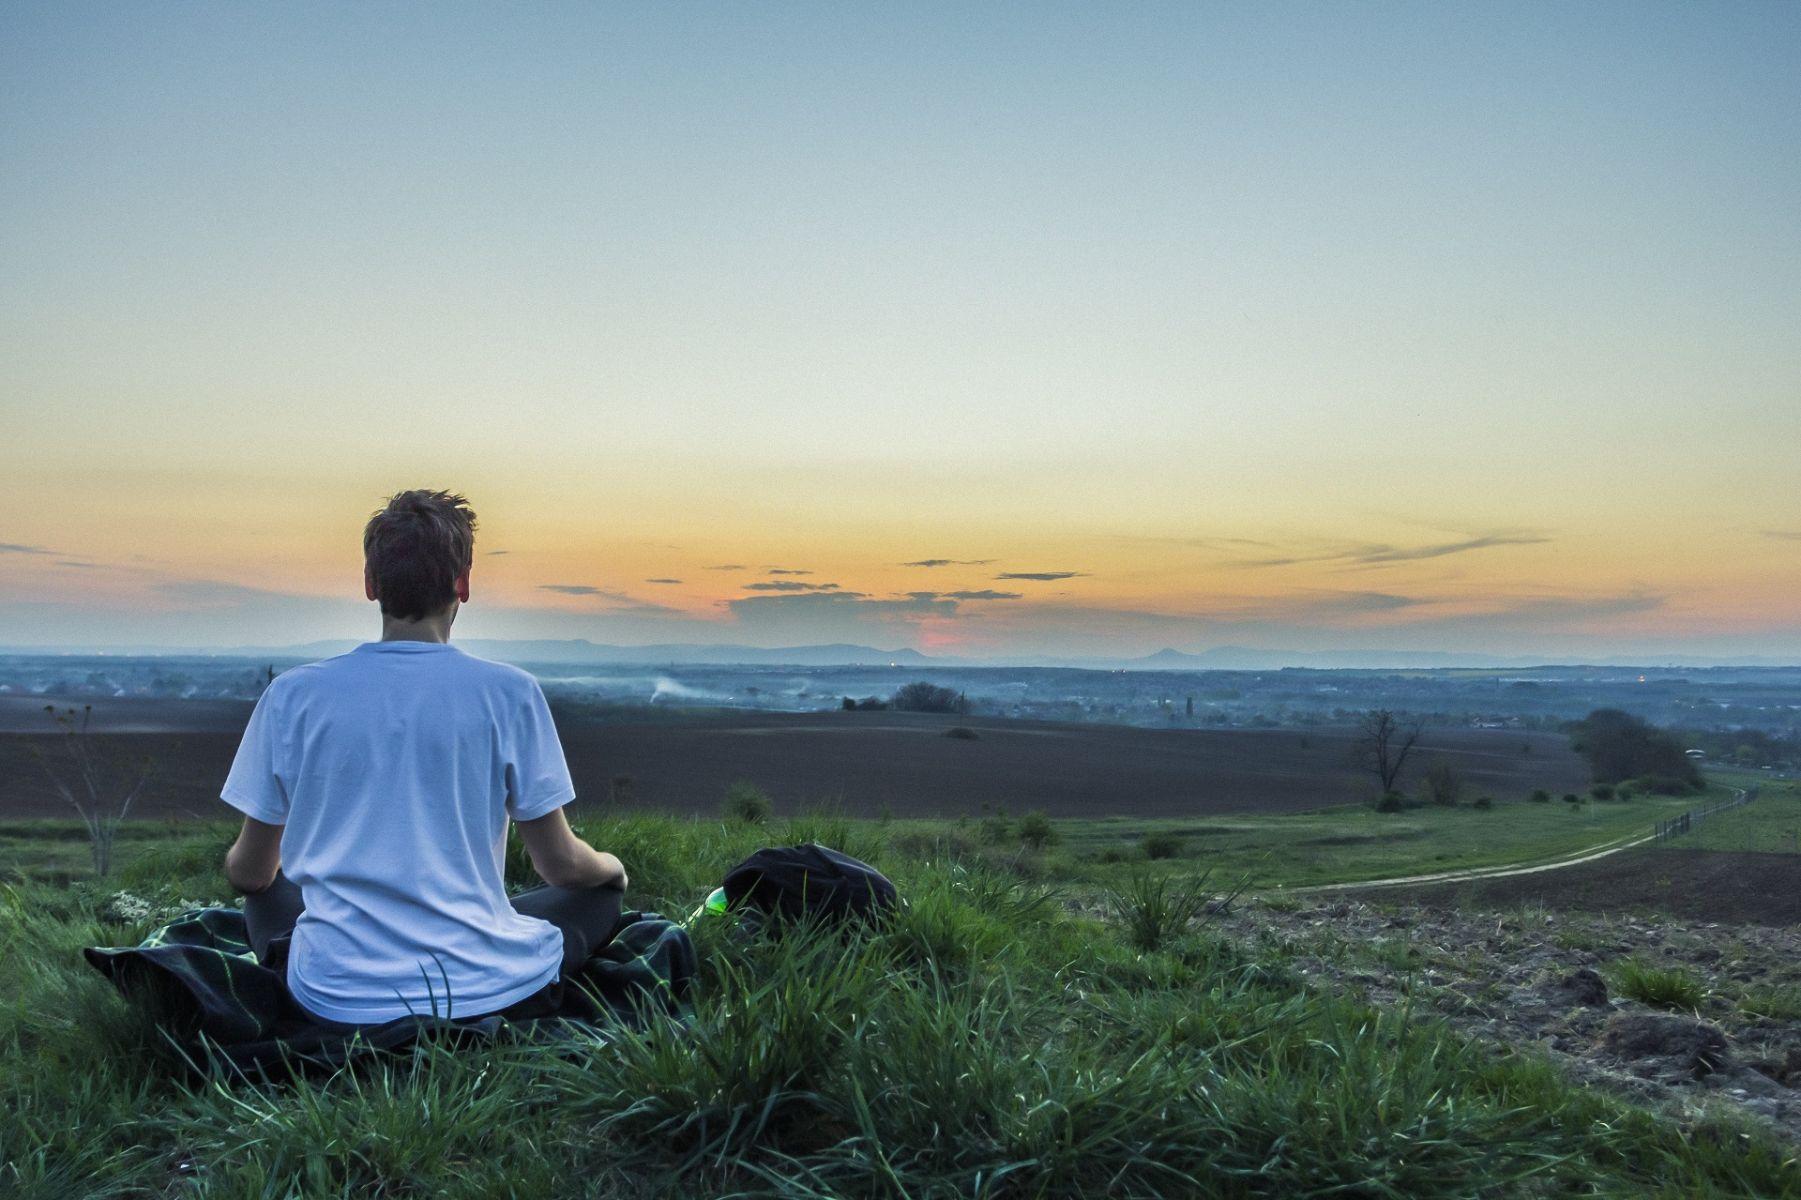 移動中也能嘗試正念冥想,負能量退散